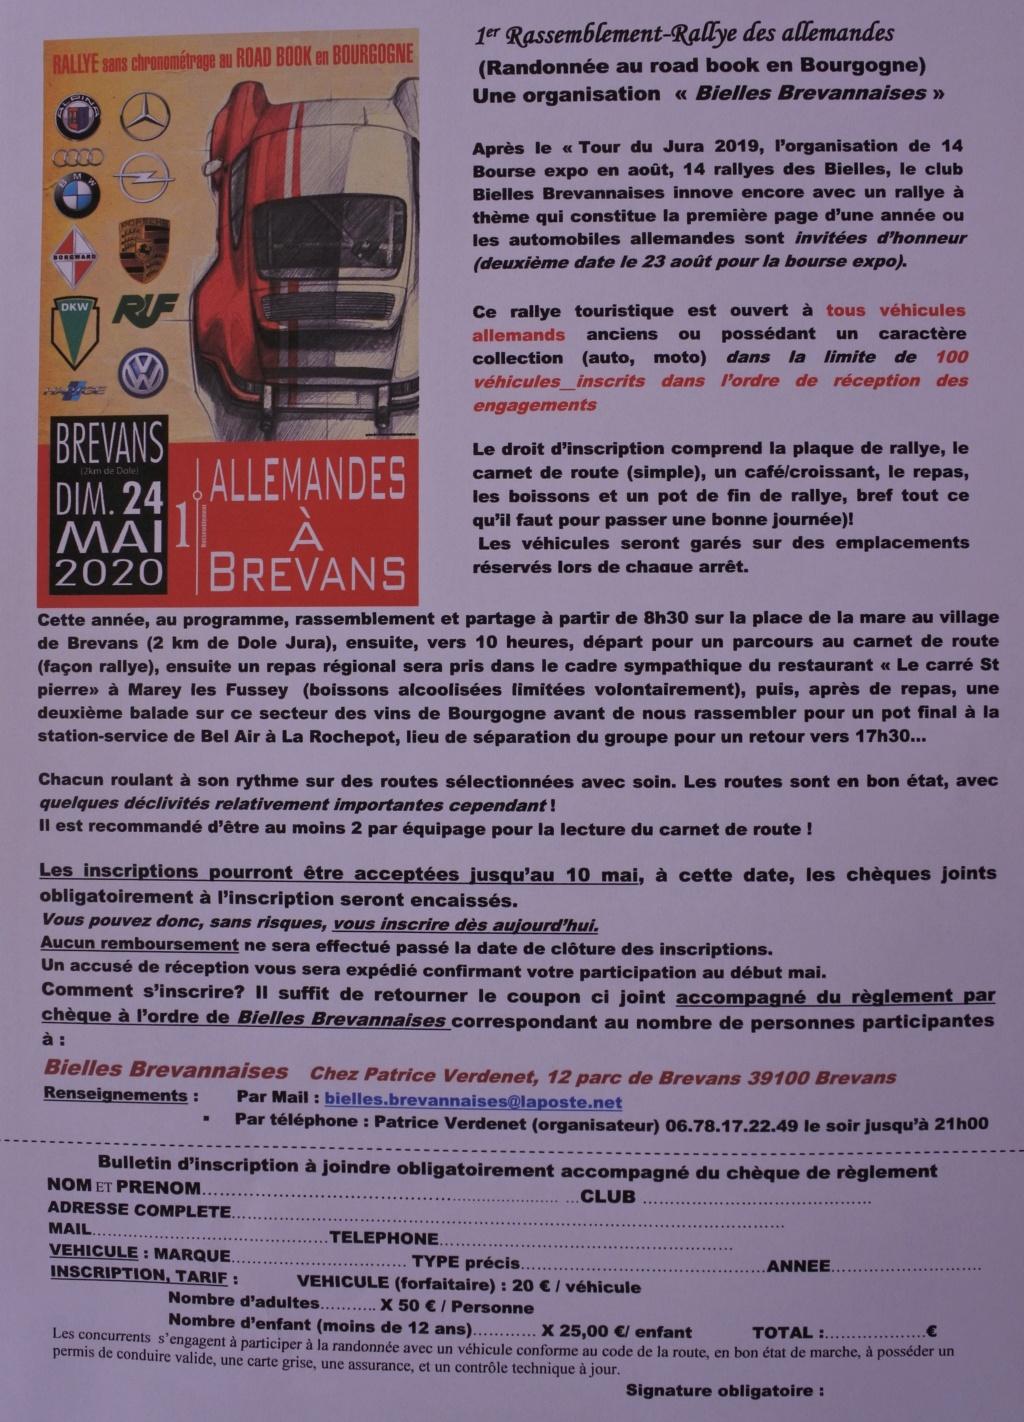 """Rallye """"Les allemandes à Brevans"""" le 24 mai 2020 Dsc_2410"""